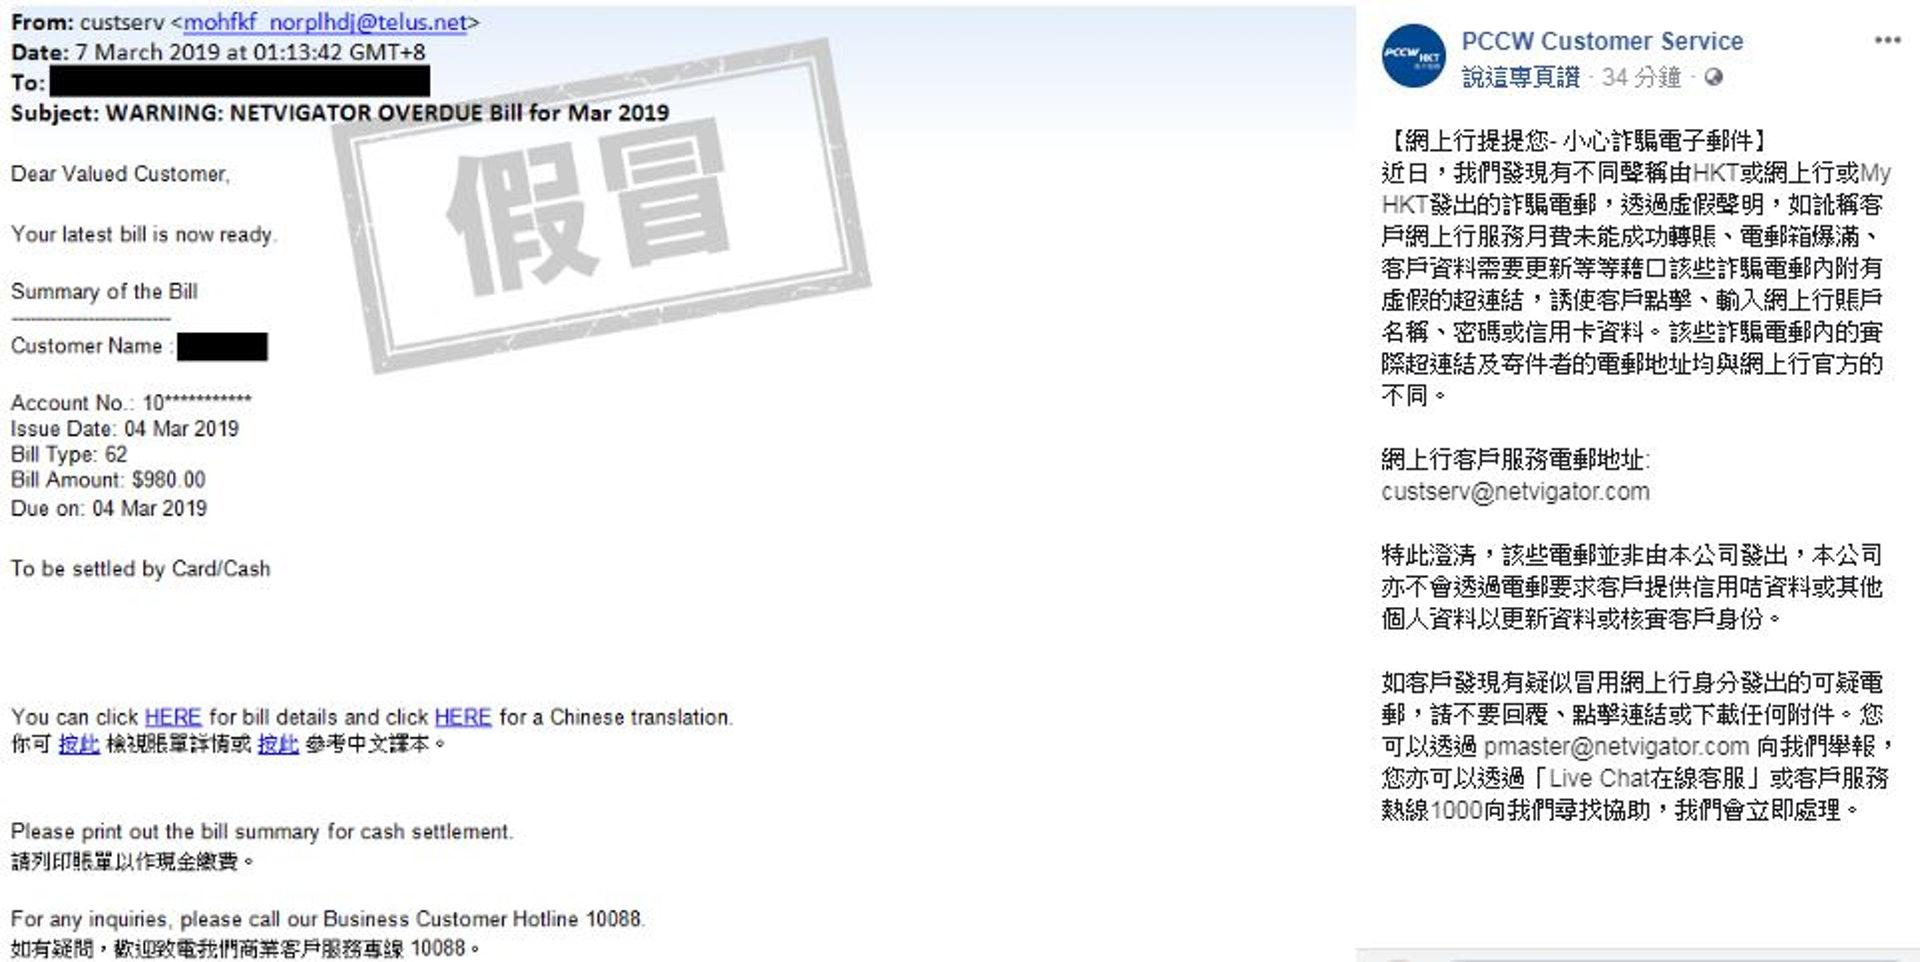 詐騙電郵偽冒HKT、網上行PCCW提客戶回覆前須辨識電郵地址真偽